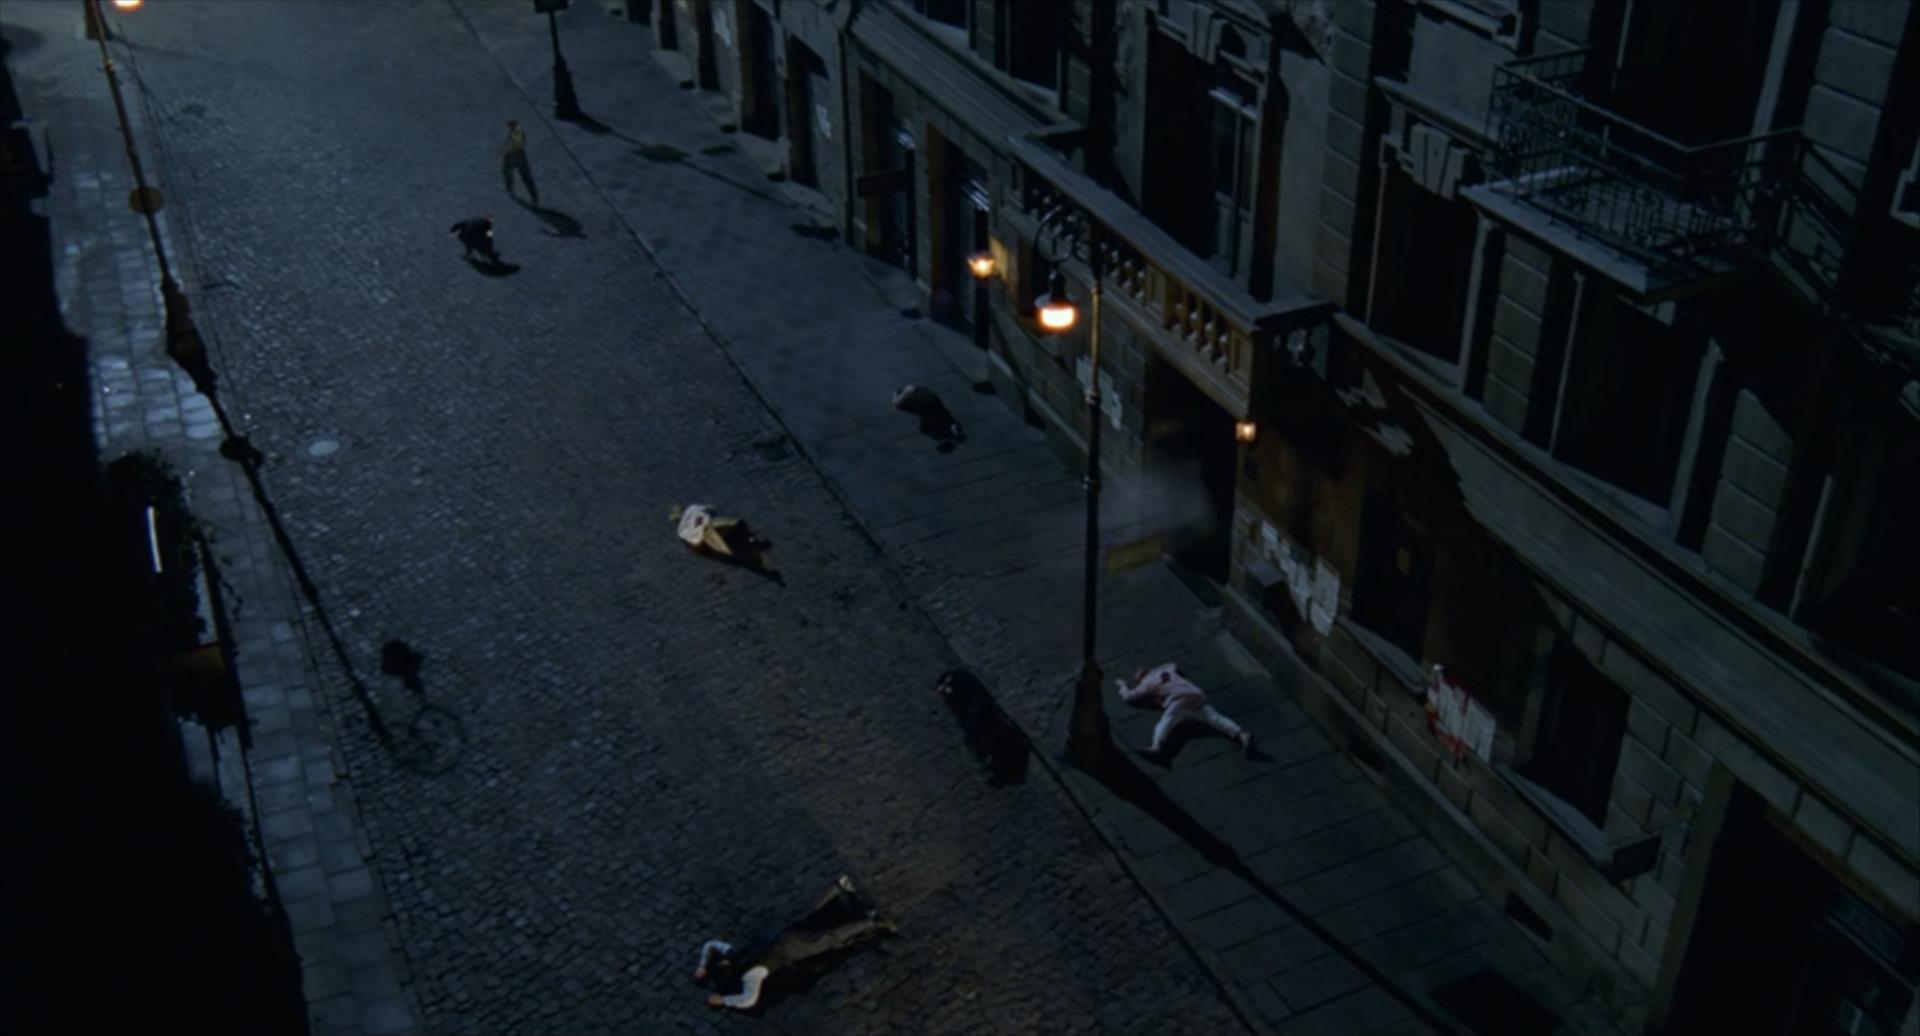 2002残酷剧情片《钢琴家》3800字,10分钟剧情解说稿-第3张图片